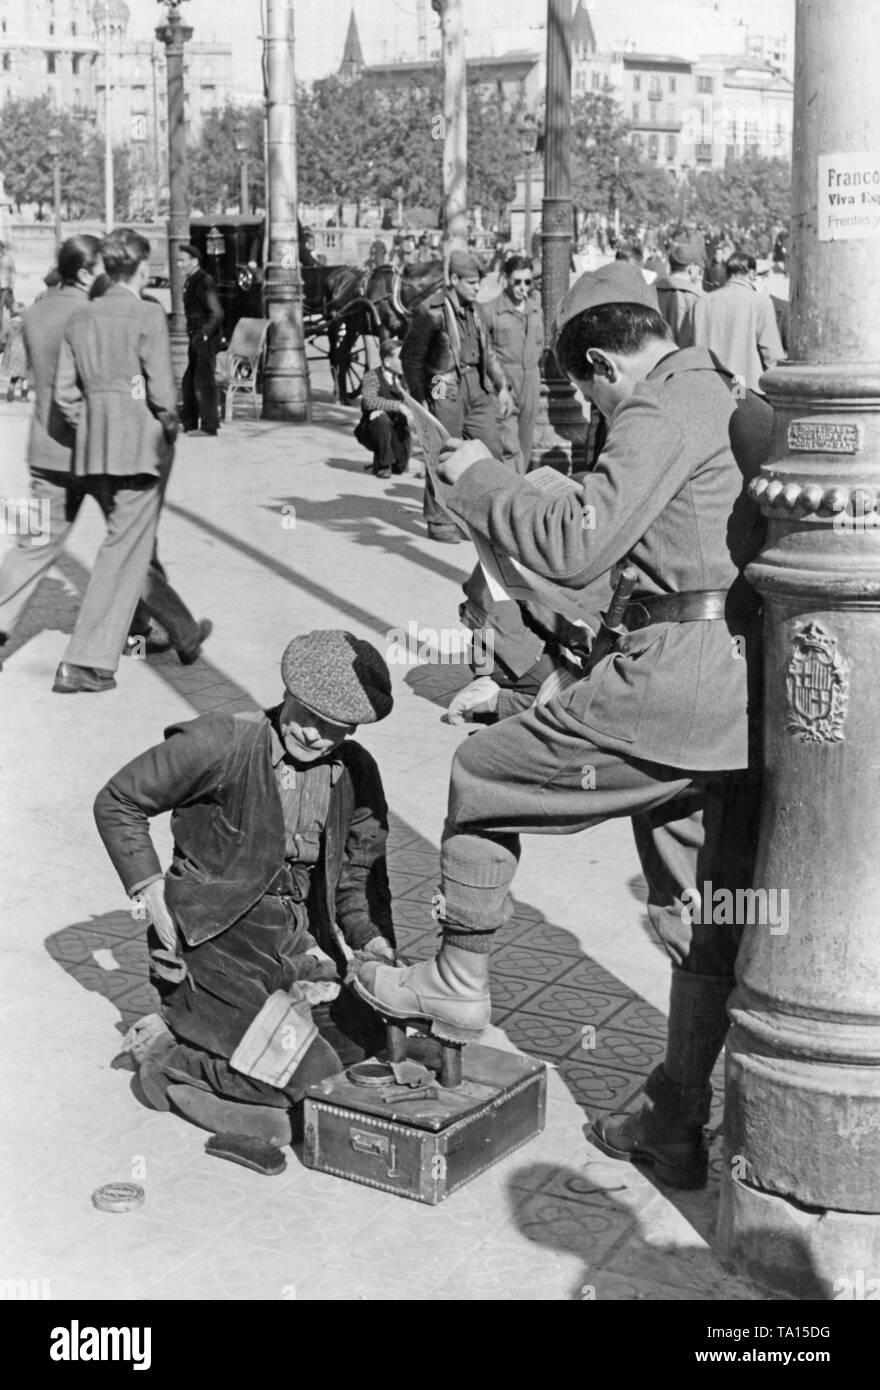 Ein spanischer Soldat lässt einen Mann sauber seine Schuhe, während er eine Zeitung lesen, vor einer Laterne auf der Rambla (Promenade im Zentrum) in Barcelona?? Katalonien, Spanien im März 1939, nach der Eroberung der Stadt durch General Francisco Franco im Januar, 1939. Im Hintergrund, flaneure und Soldaten. Auf der Laterne, einen Anruf von Franco für die Einwohner von Barcelona. Unten auf dem gusseisernen Laterne, das Wappen von Barcelona. Stockfoto